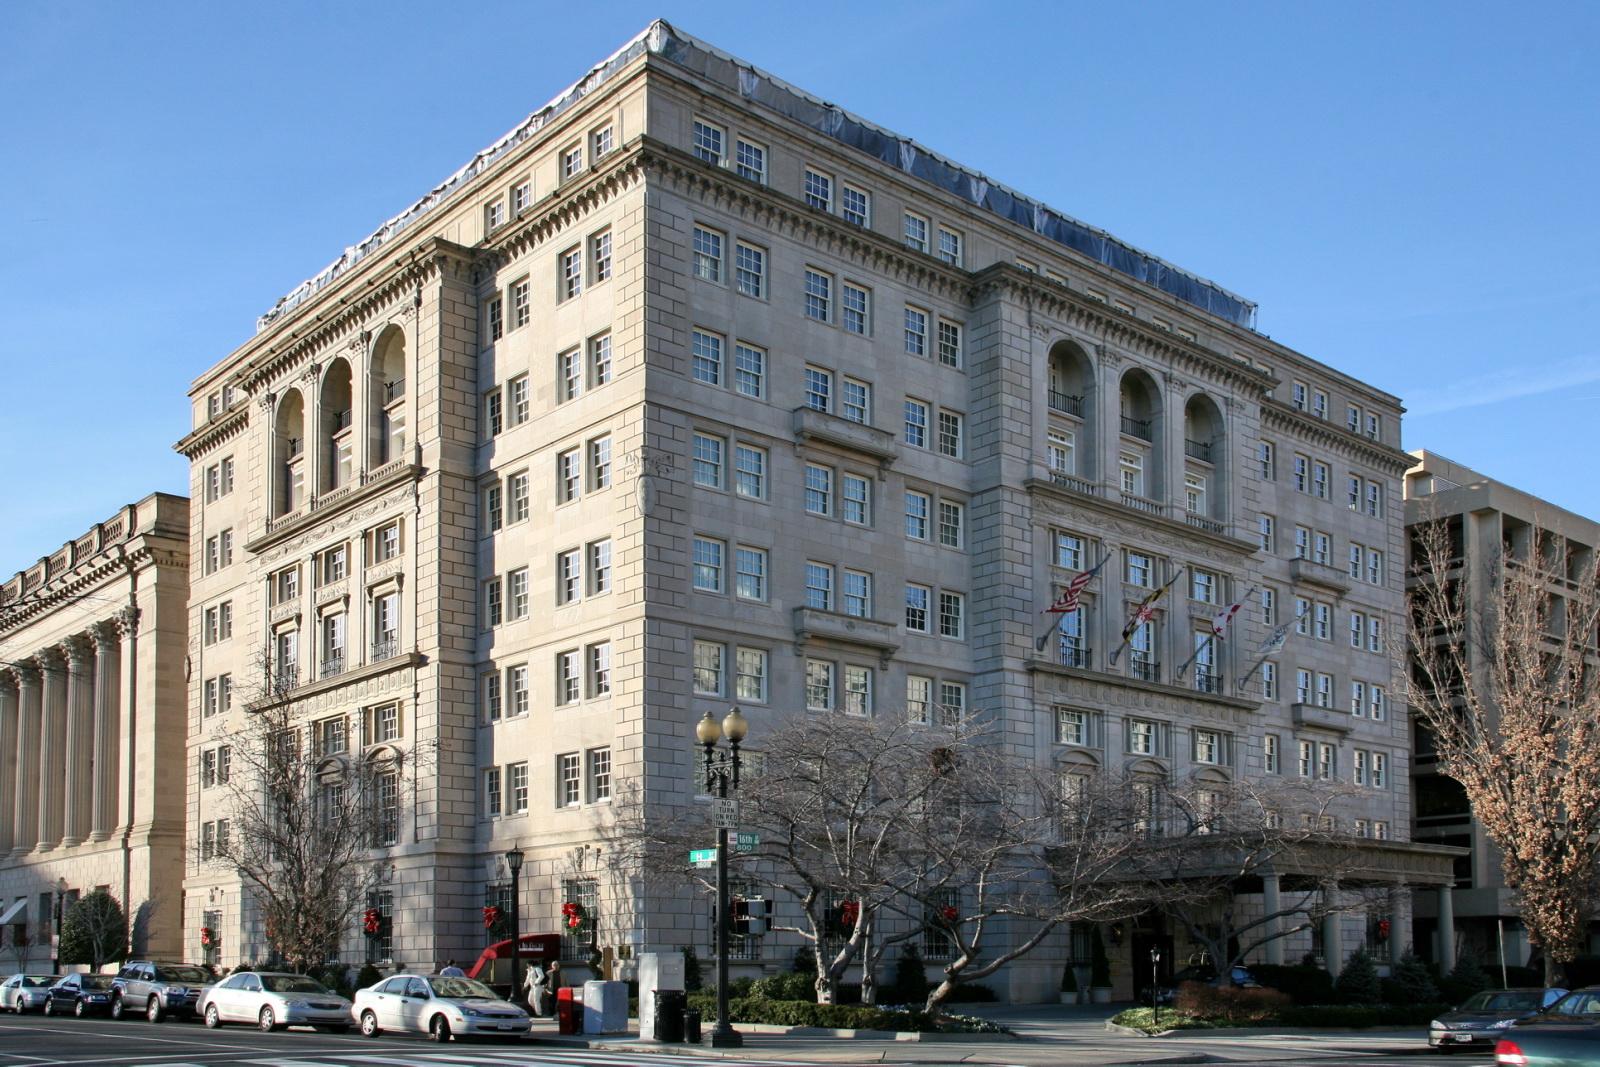 Hay Adams Hotel Deals